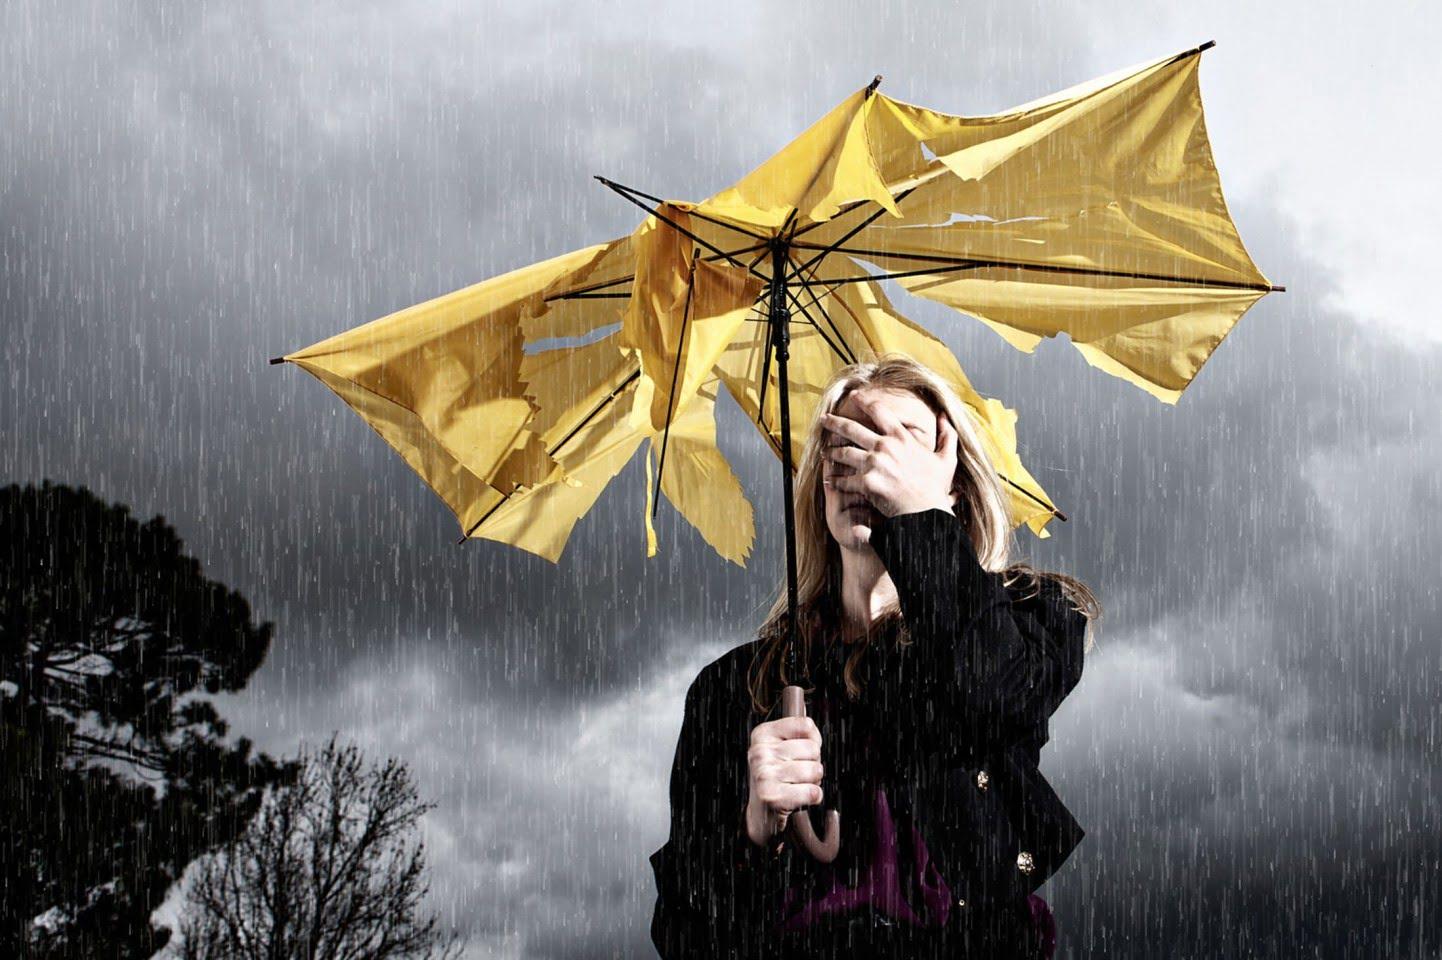 Bad Weather